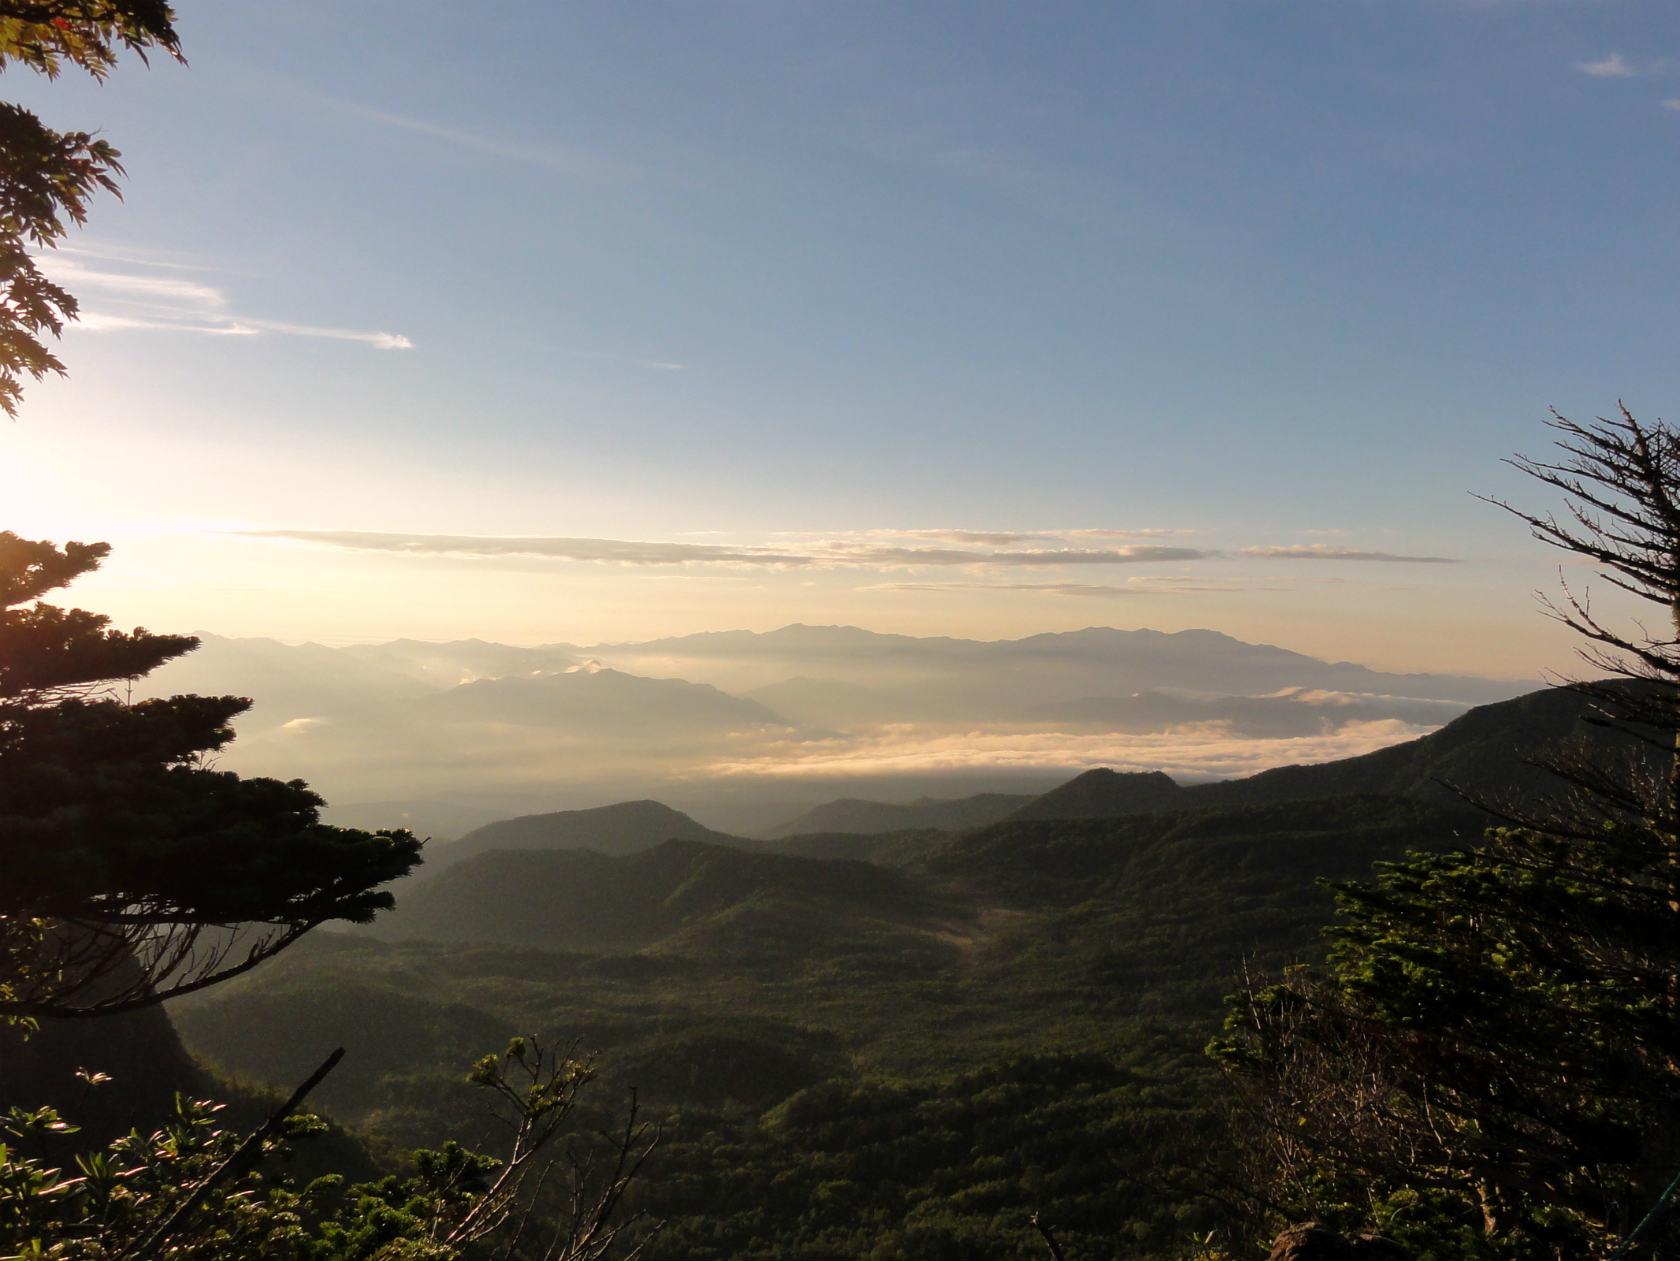 見晴台から雲海を眺める